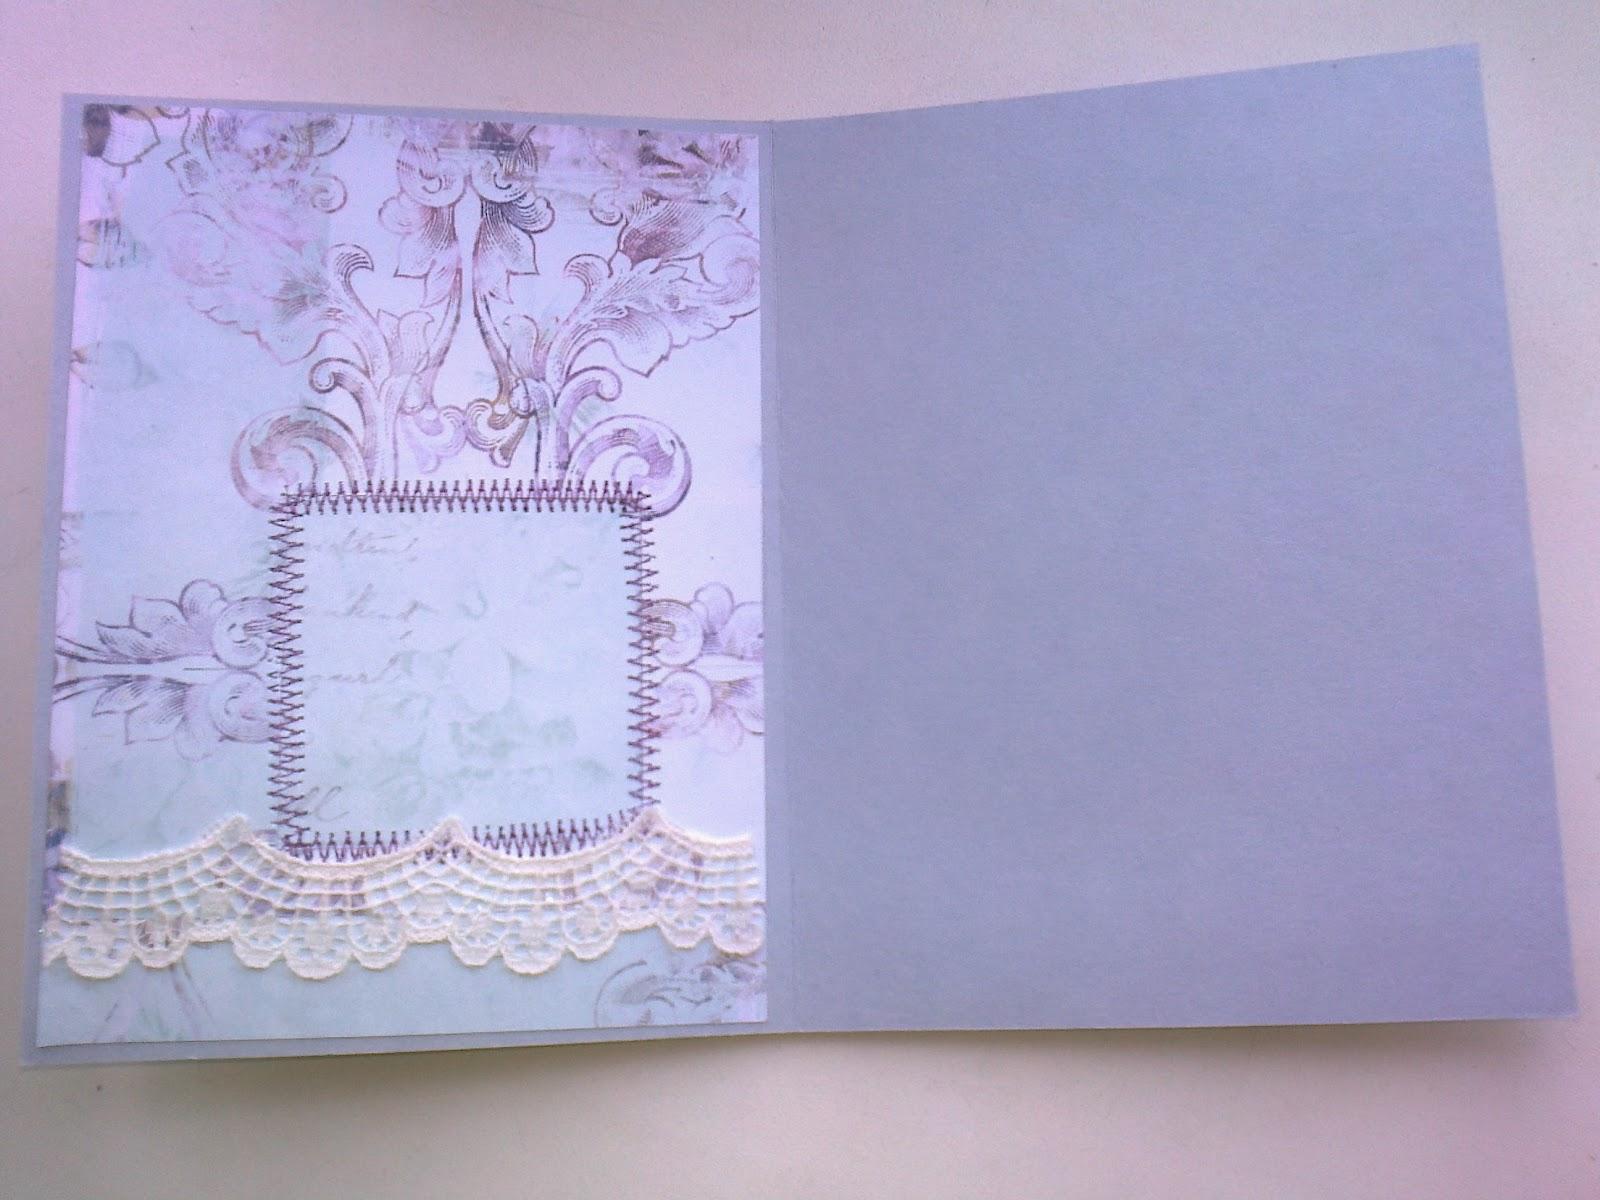 Как сделать объёмную открытку на День рождения своими руками? 81